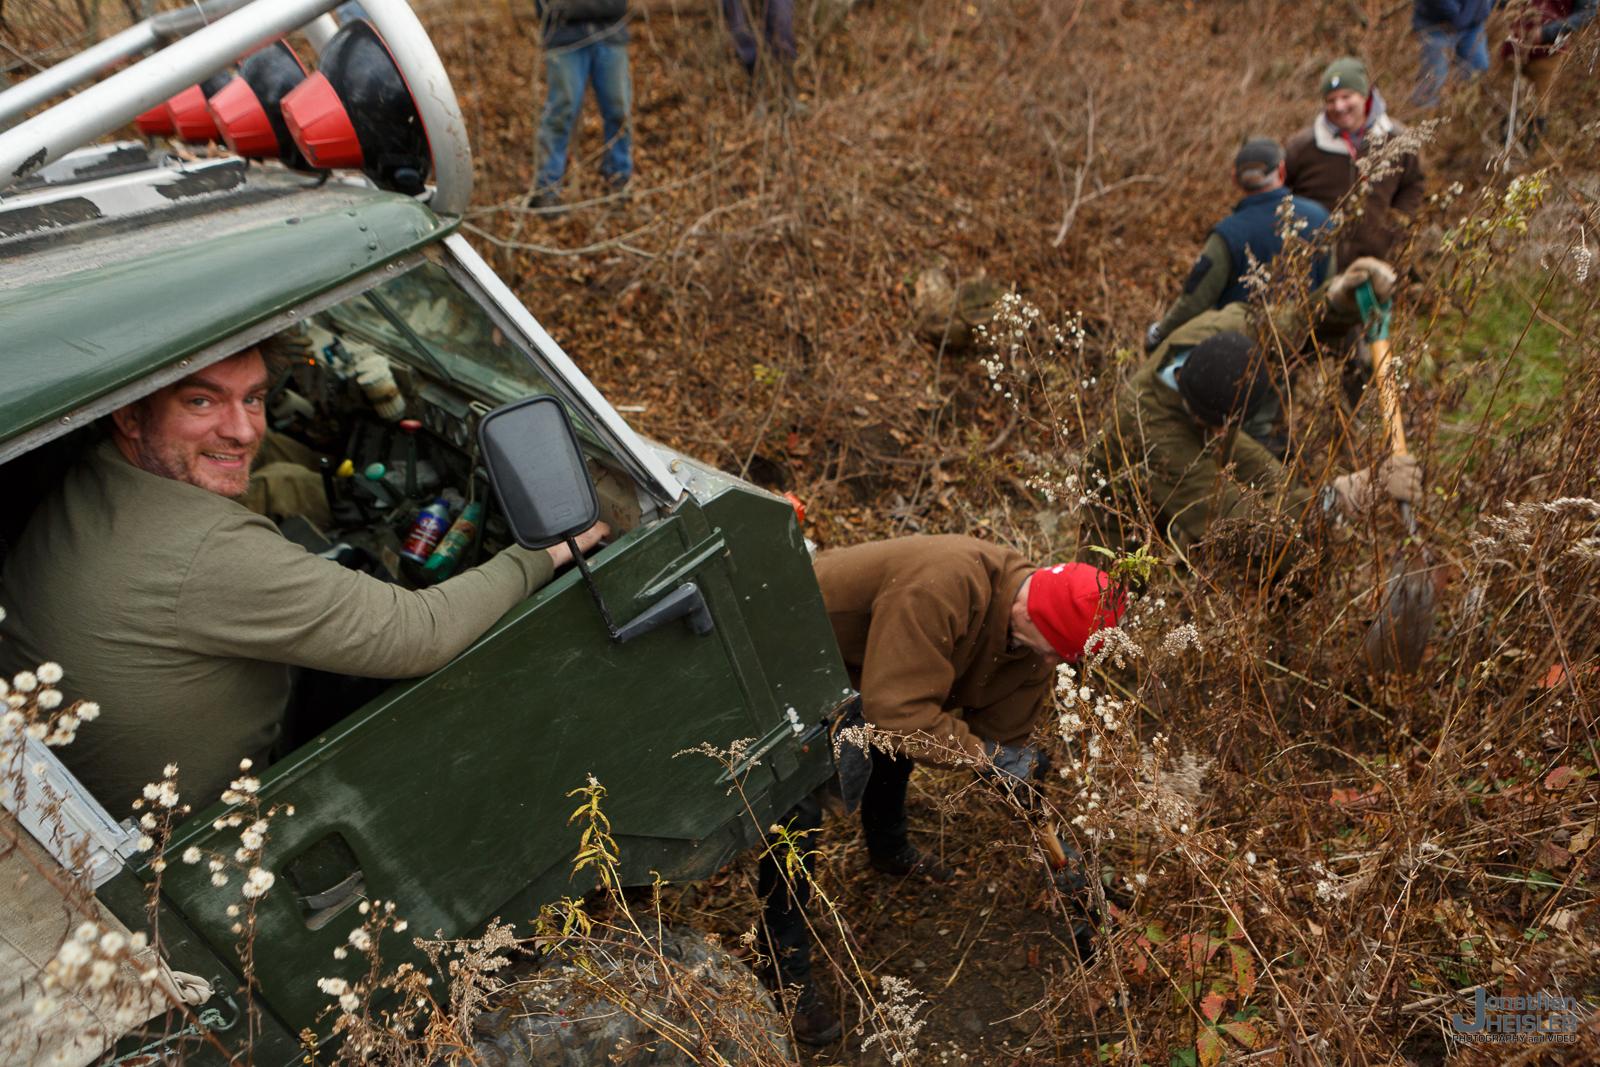 Guy Fawkes Land Rover_ Land Rover Defender __ Jonathan Heisler _ Jonathan Heisler Photography019.jpg